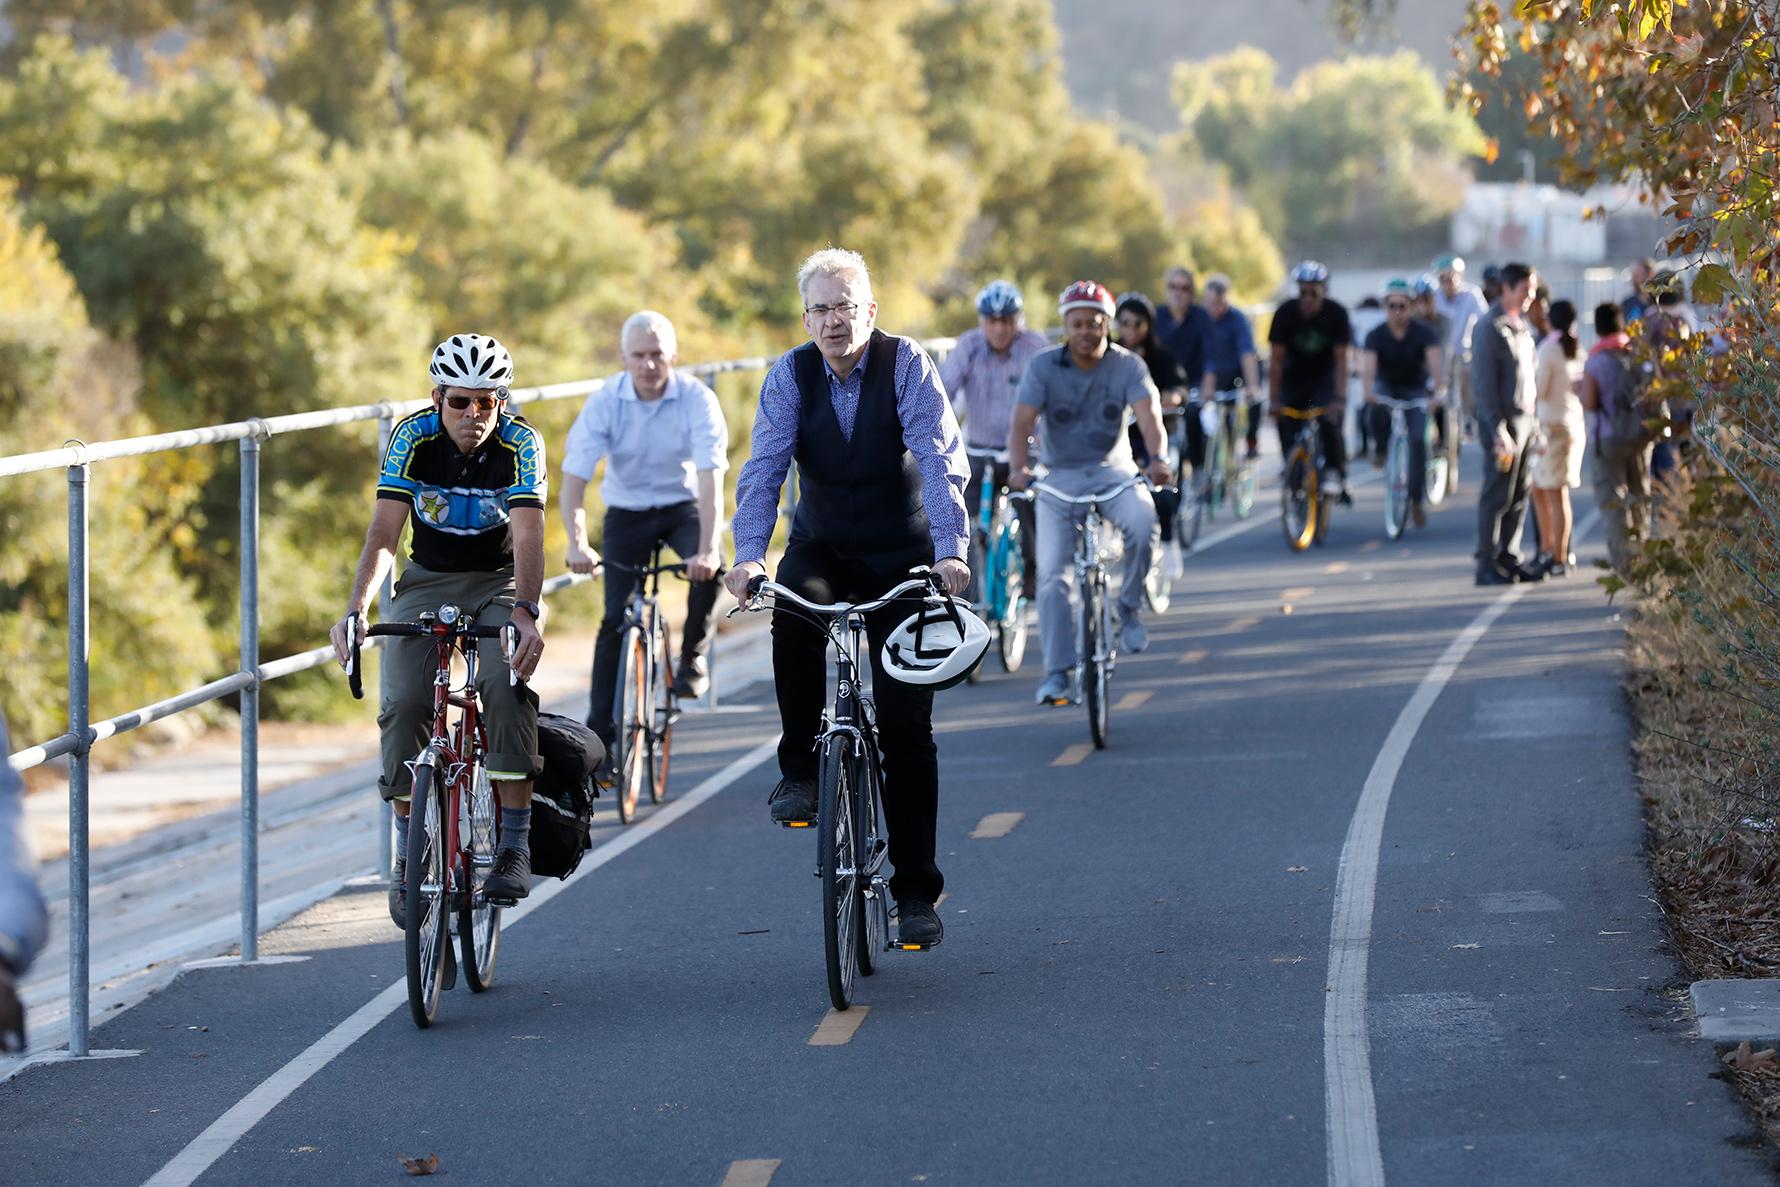 Bike riders along the LA River